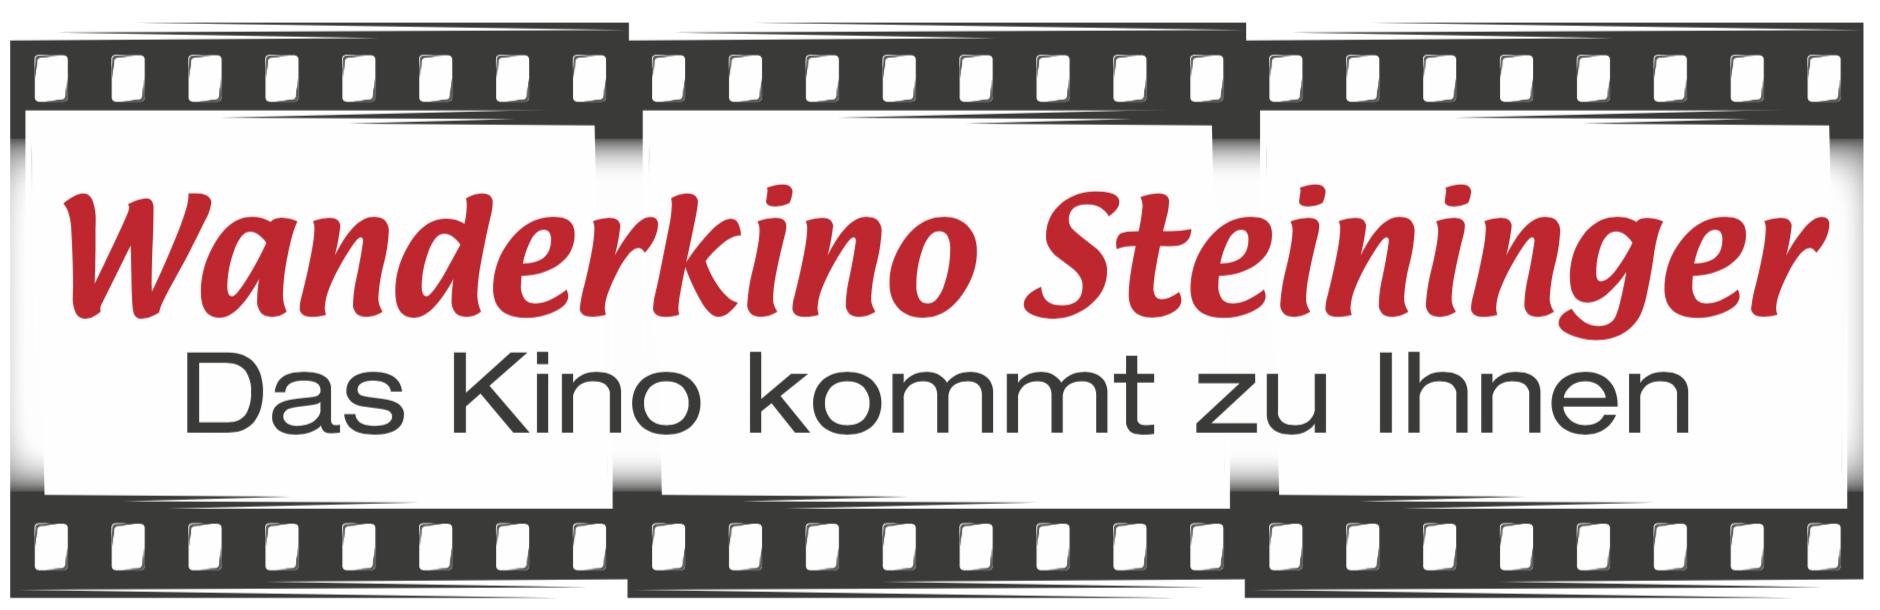 Wanderkino Steiniger - Wanderkino Schulfilme Österreich | Egal ob Saalvorführungen, Open Air Kinos oder Videoprojektions – unsere Profis werden alles daransetzen, Ihnen das Gewünschte in Oberösterreich zu besorgen.